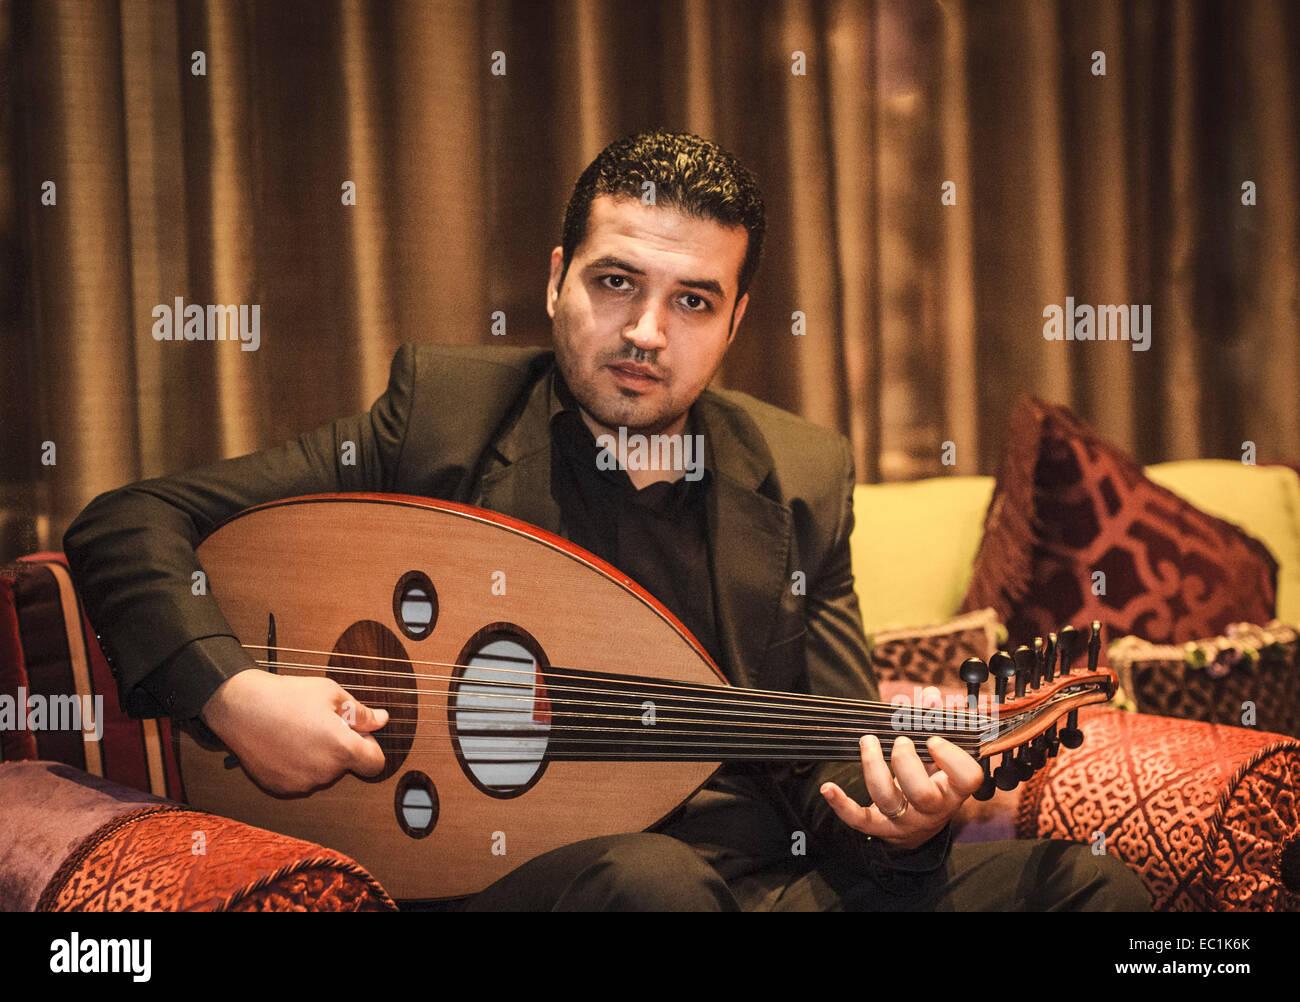 Oud, Arabische Laute spielte im Hotel. 7 + 7 Saiten (7 sympathischen). Gemeinsamen im Nahen Osten, der Vorläufer Stockbild